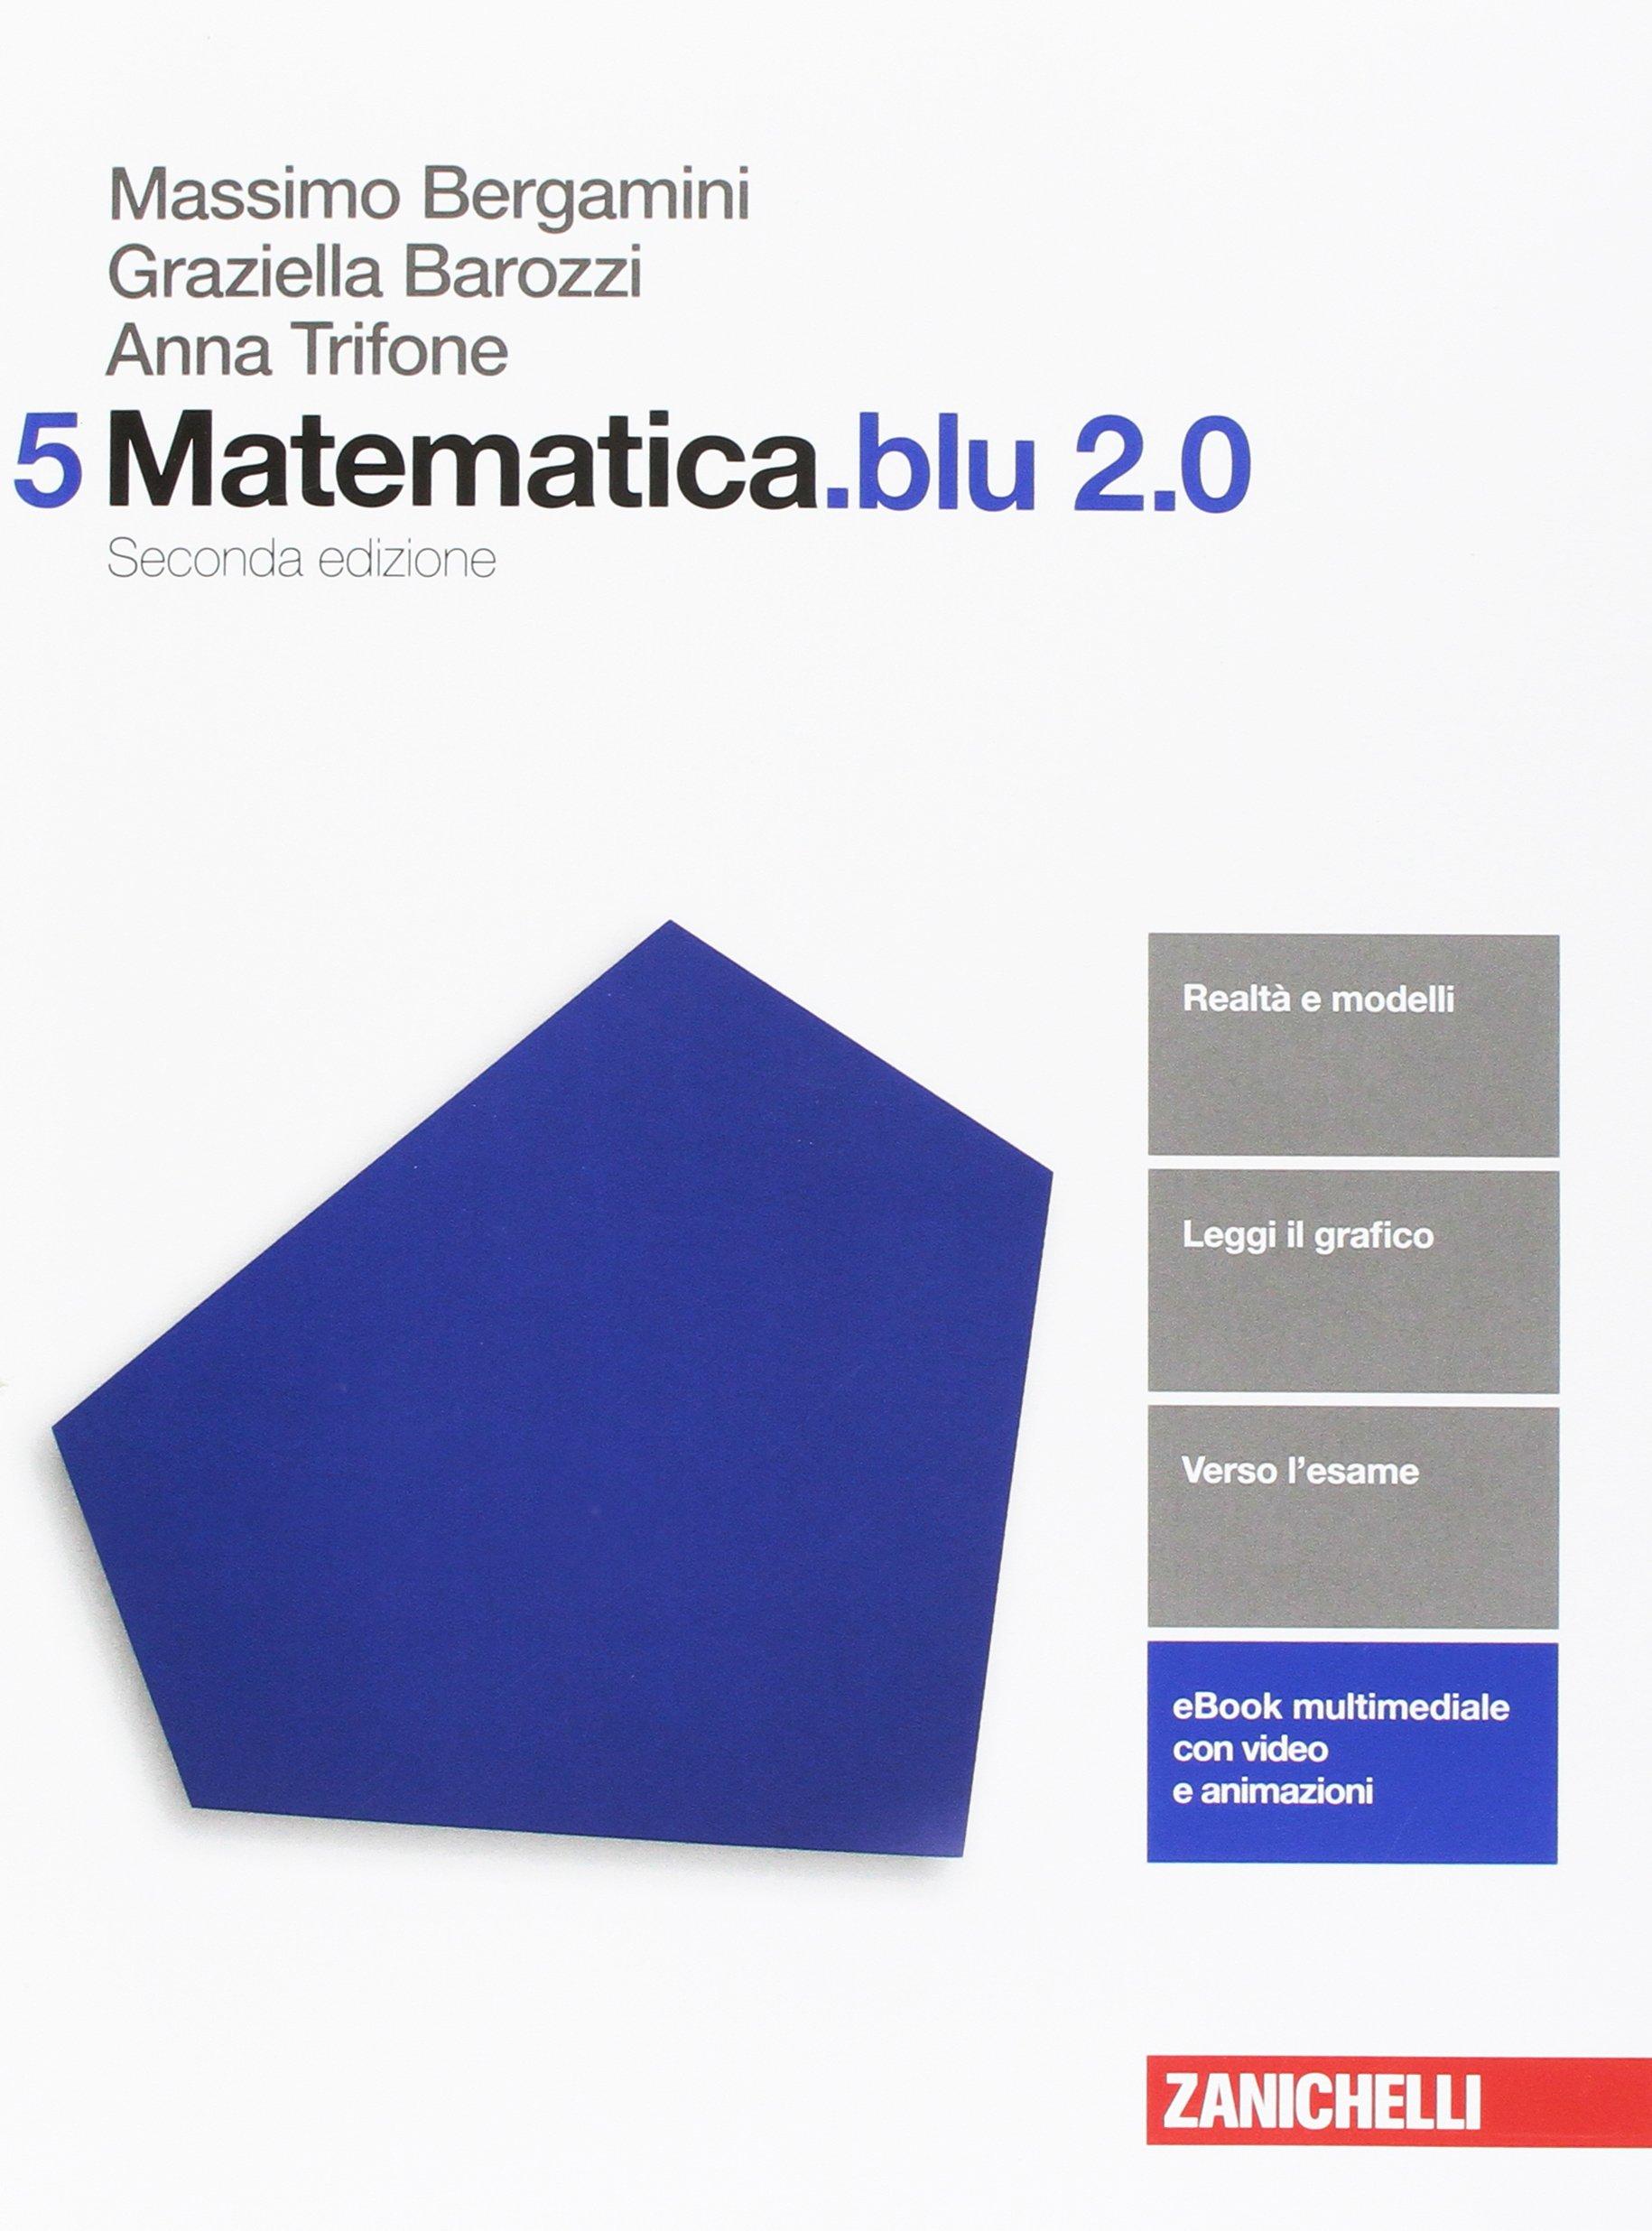 4 Matematica.blu 2.0